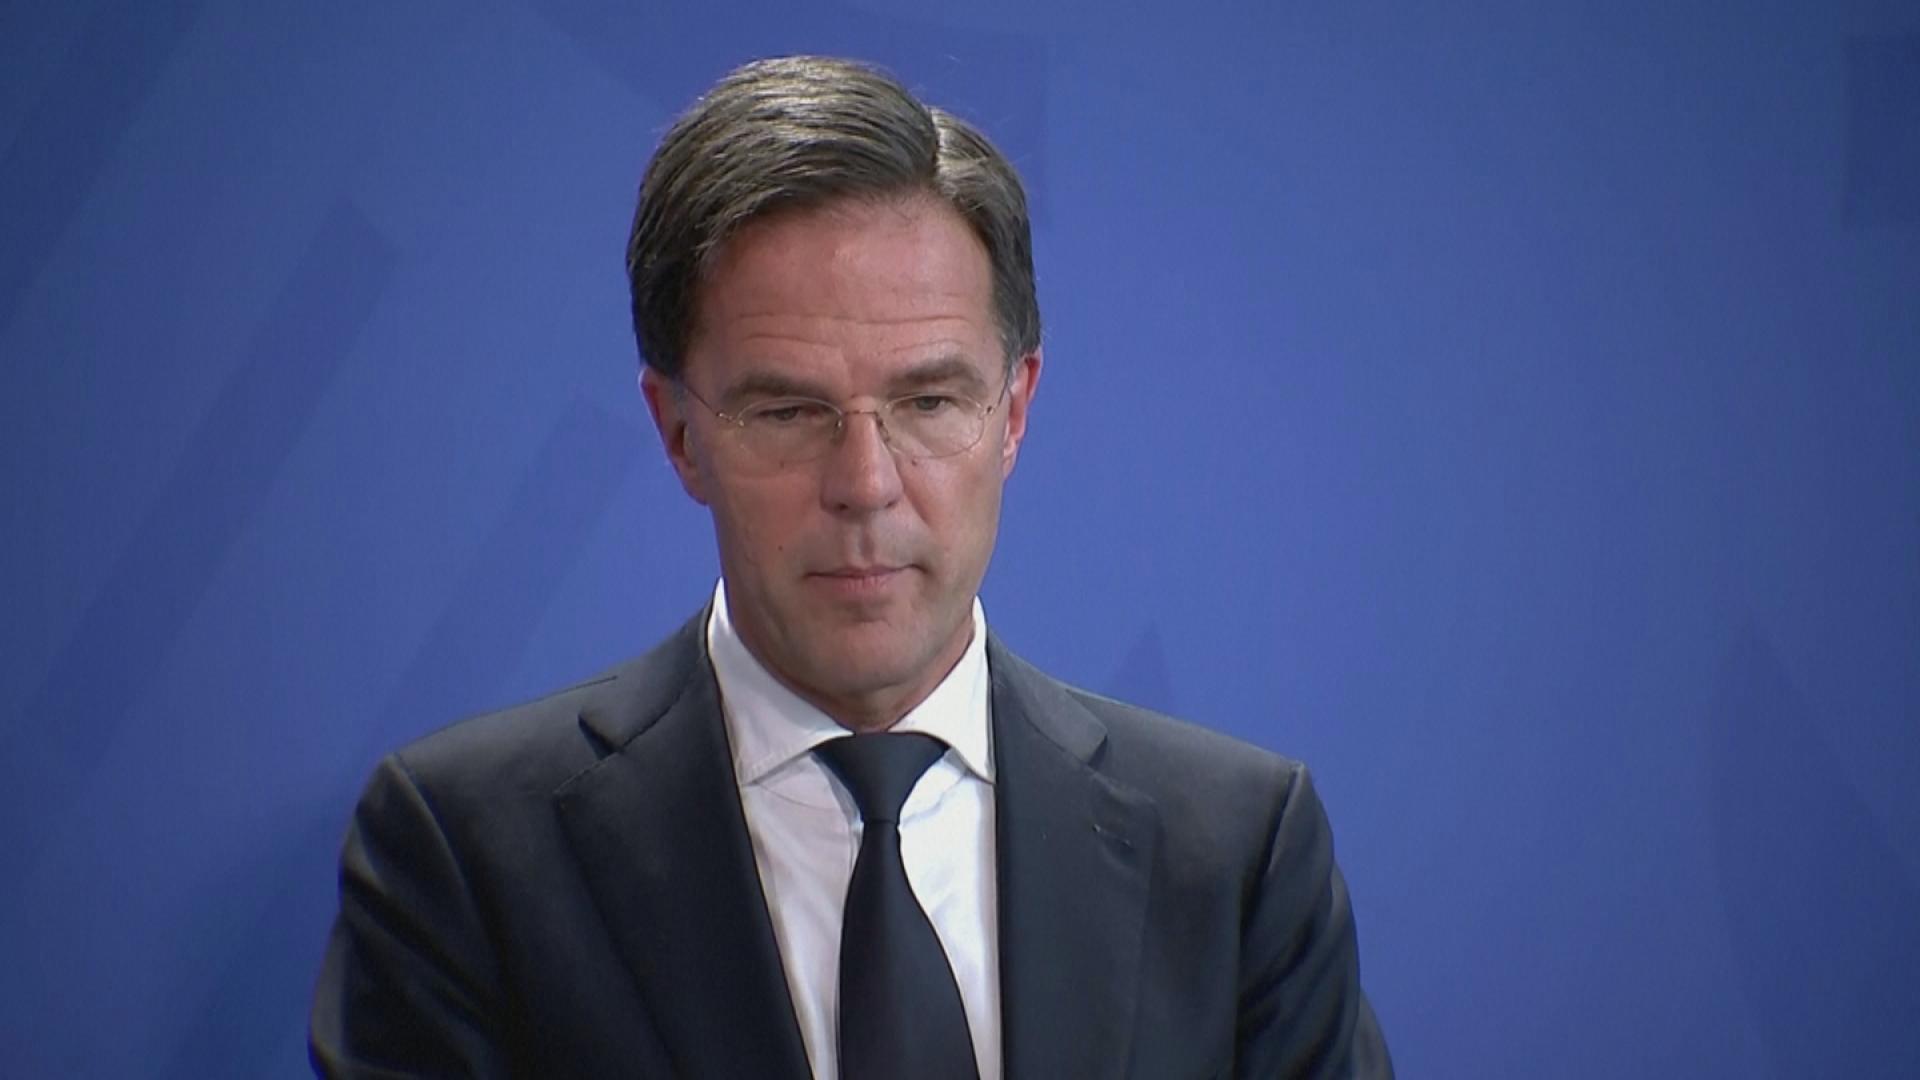 Kryeministri i Holandës: Jemi të shqetësuar sepse Shqipëria nuk ka bërë progres për çeljen e negociatave